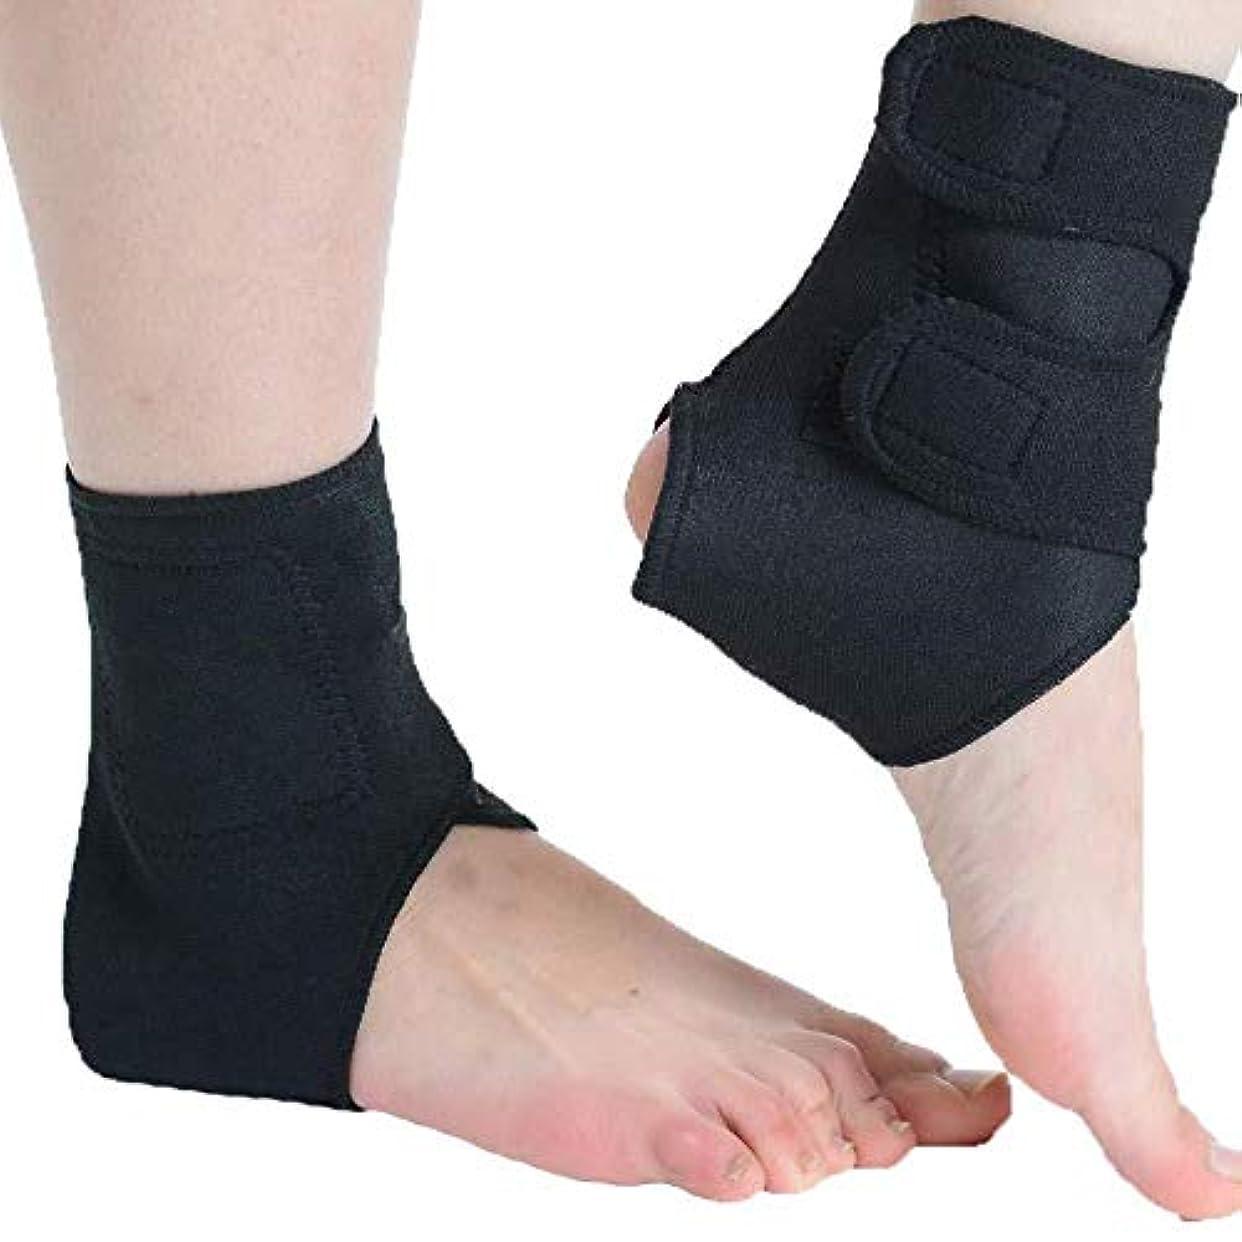 クルーズ今後ファンドつま先セパレーター、歩行、ランニング、休息、つま先パッド用の矯正用つま先セパレーター。足の痛みを和らげます